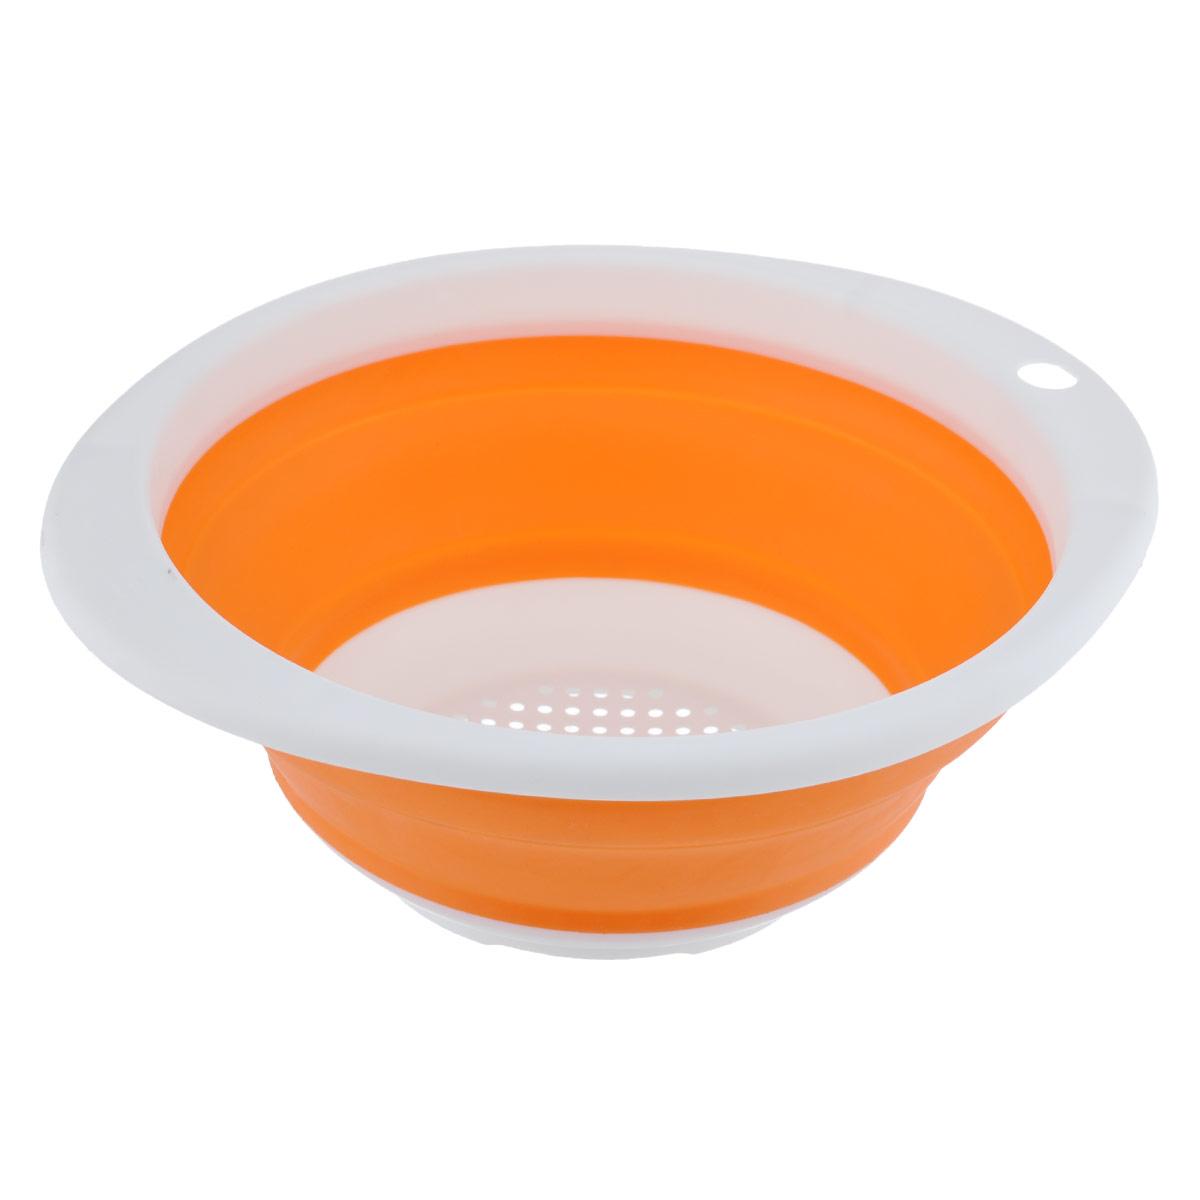 Дуршлаг Идея, складной, цвет: оранжевый. CLD-023534Дуршлаг складной Идея, изготовленный из высококачественного пищевого силикона, станет полезным приобретением для вашей кухни. Он идеально подходит для процеживания, ополаскивания и стекания макарон, овощей, фруктов. Нельзя мыть и сушить в посудомоечной машине.Внутренний диаметр: 18 см.Размер (в разложенном виде): 23 см х 20 см х 9 см.Размер (в сложенном виде): 23 см х 20 см х 3 см.